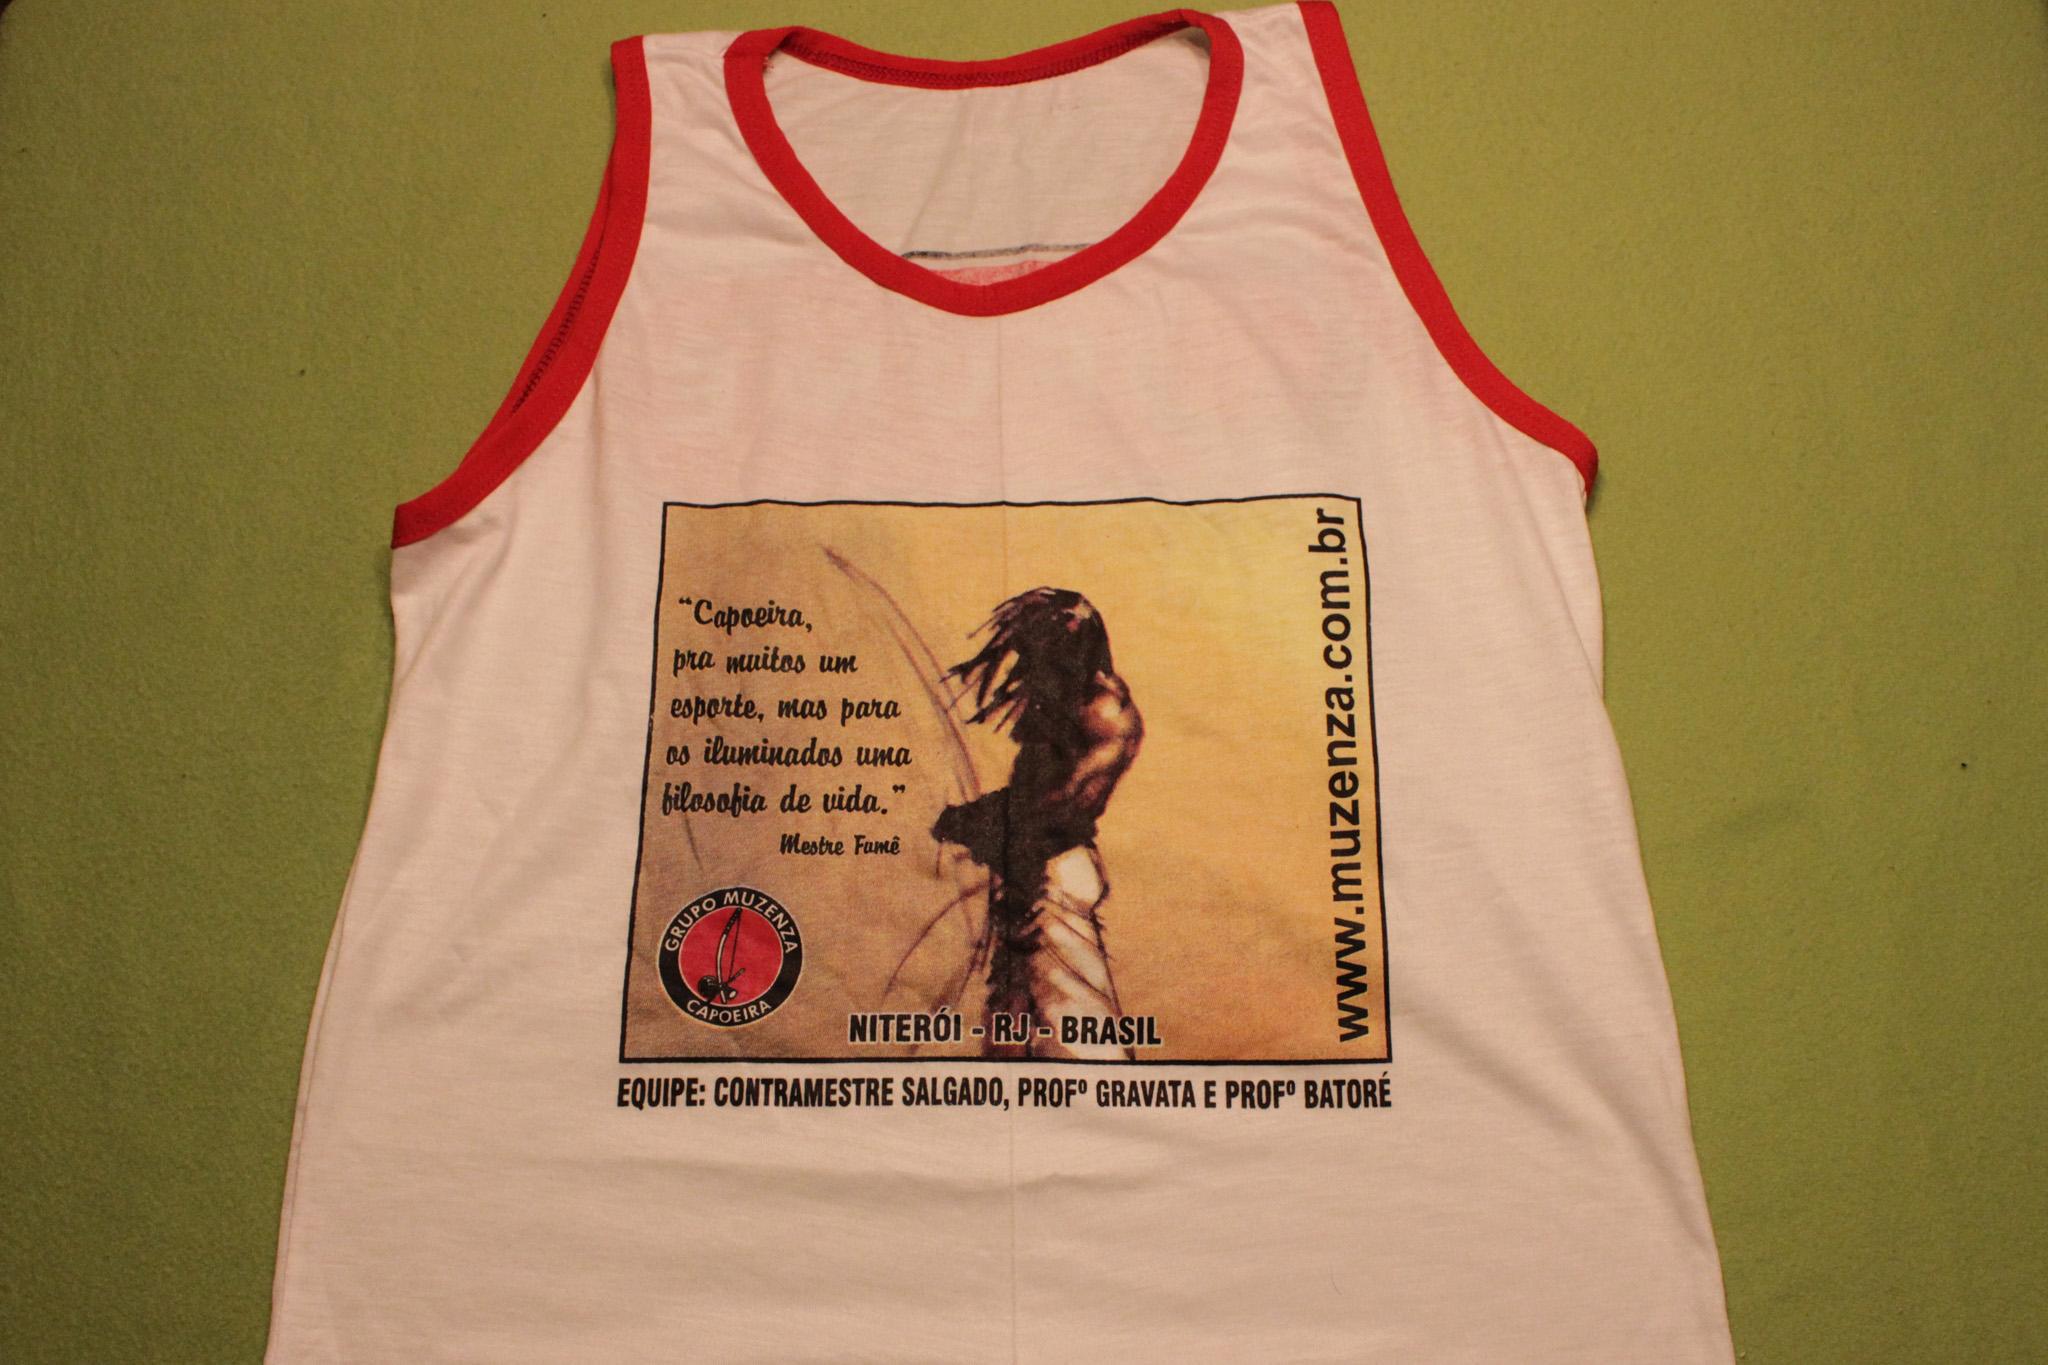 Capoeira_kids_tshirts_05